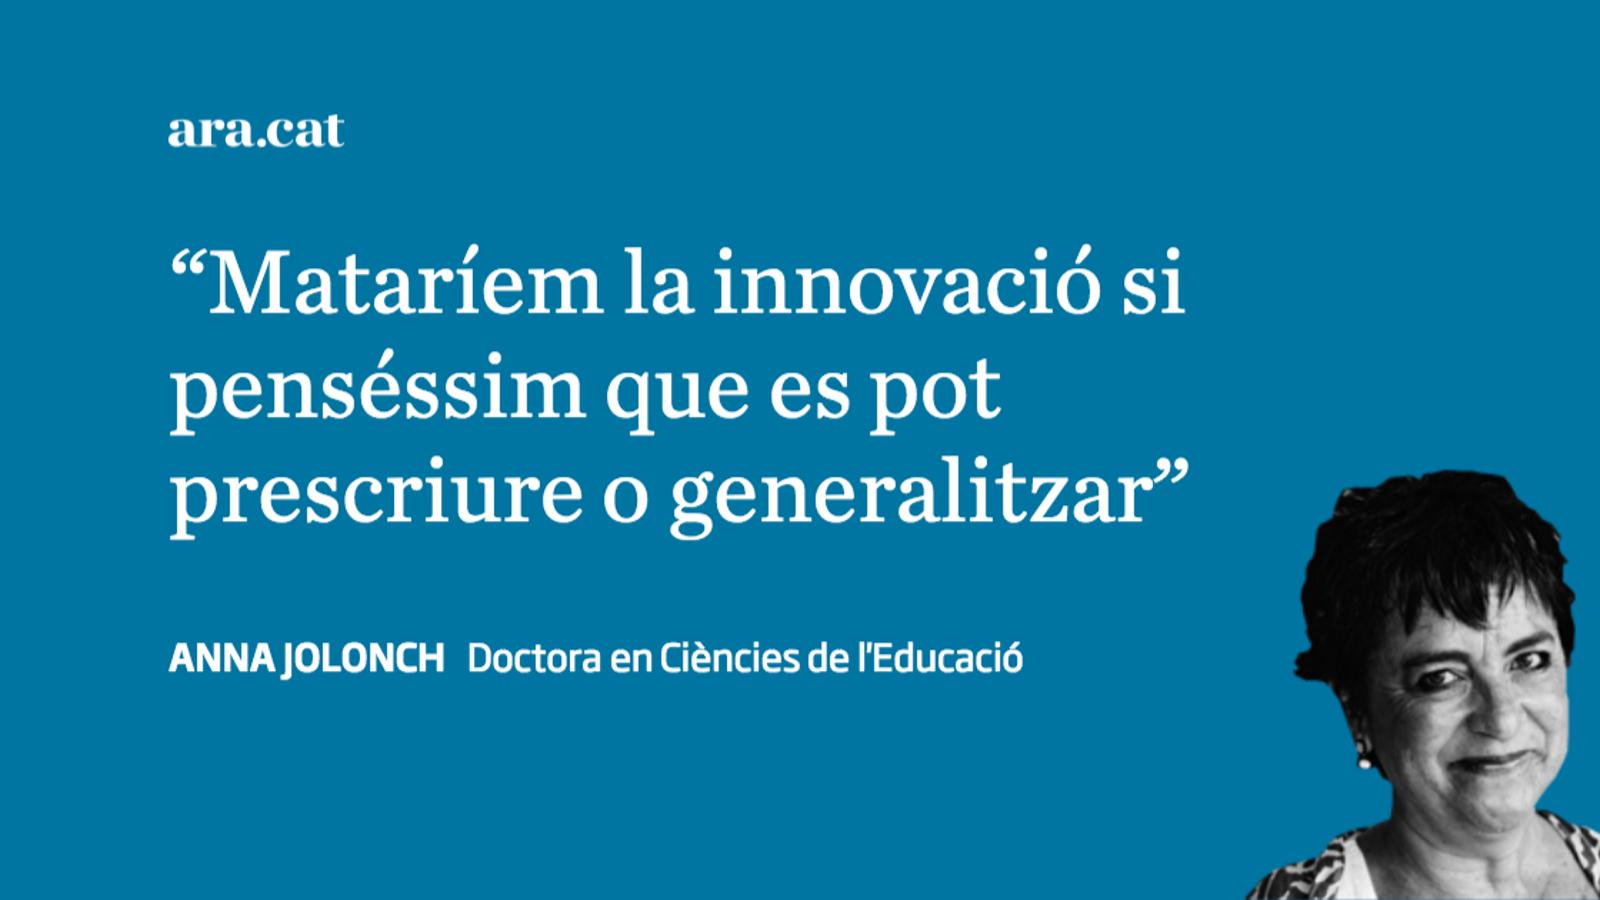 La innovació a l'escola: centres diversos, no desiguals